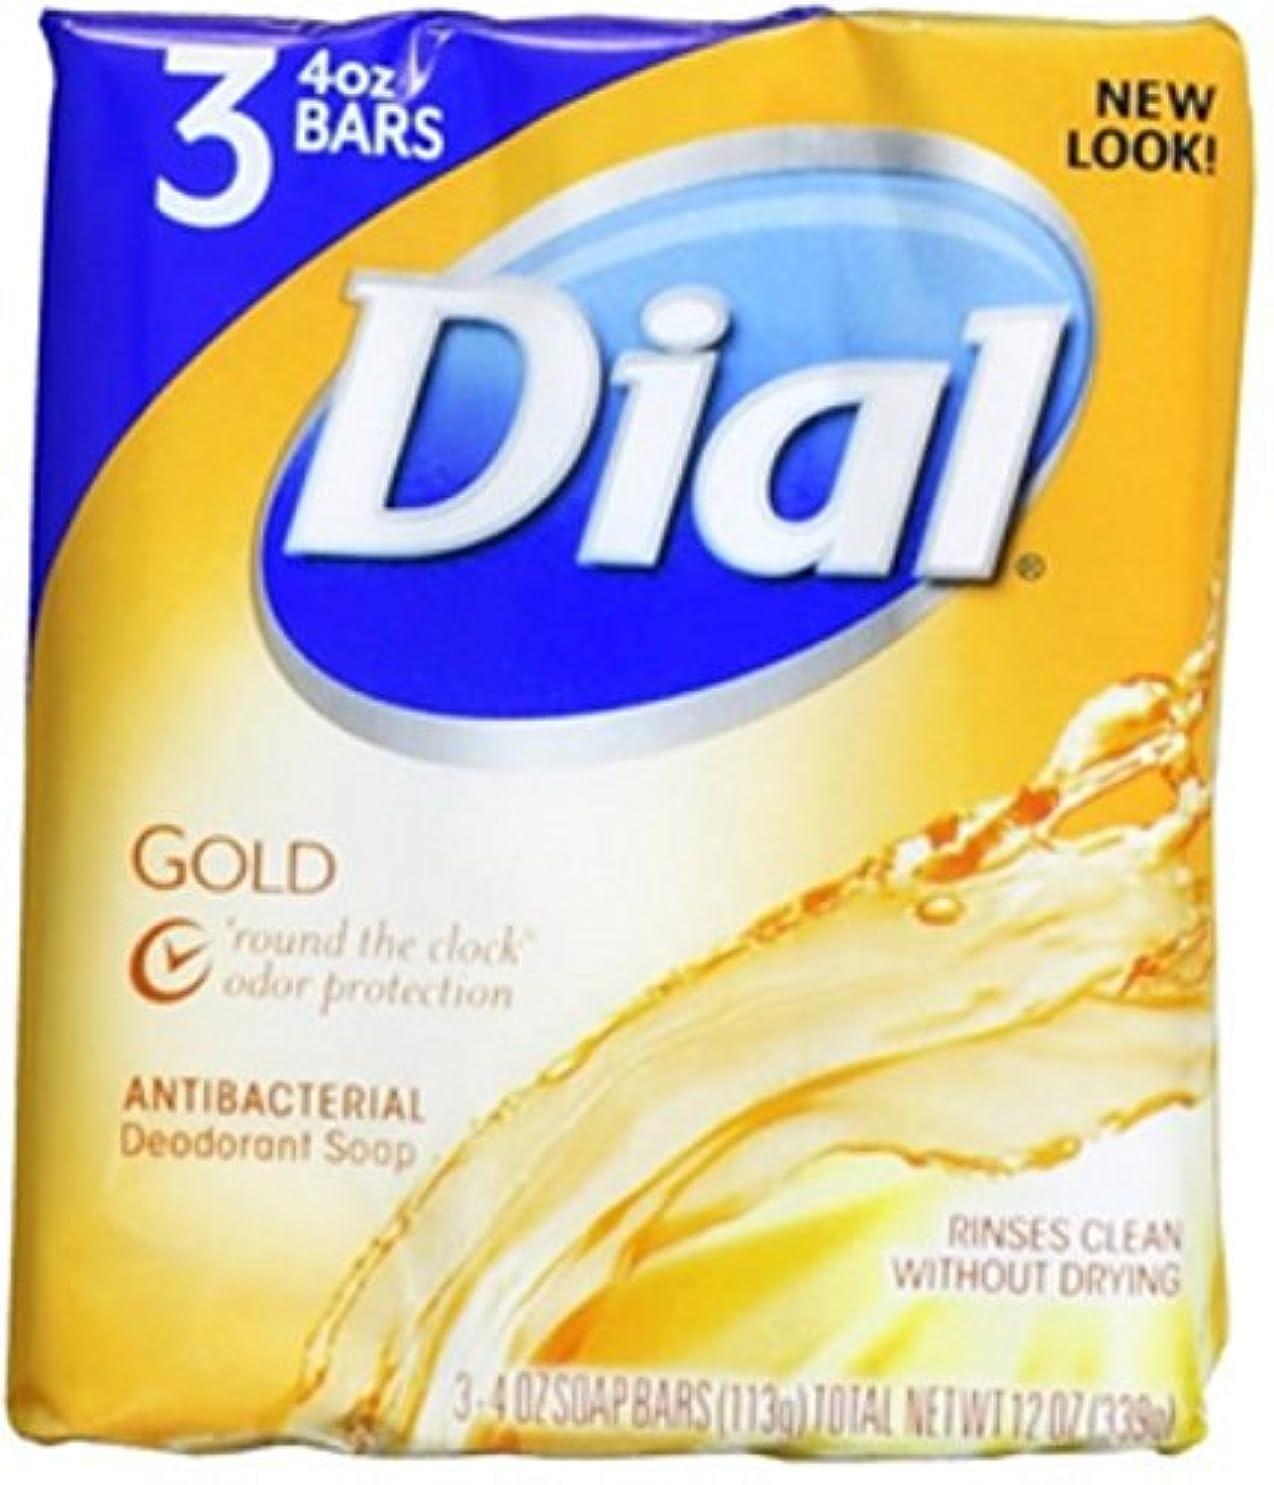 トピックインカ帝国コモランマDial 抗菌消臭石鹸バー、ゴールド、4つのオズバー、3 Eaは(6パック)